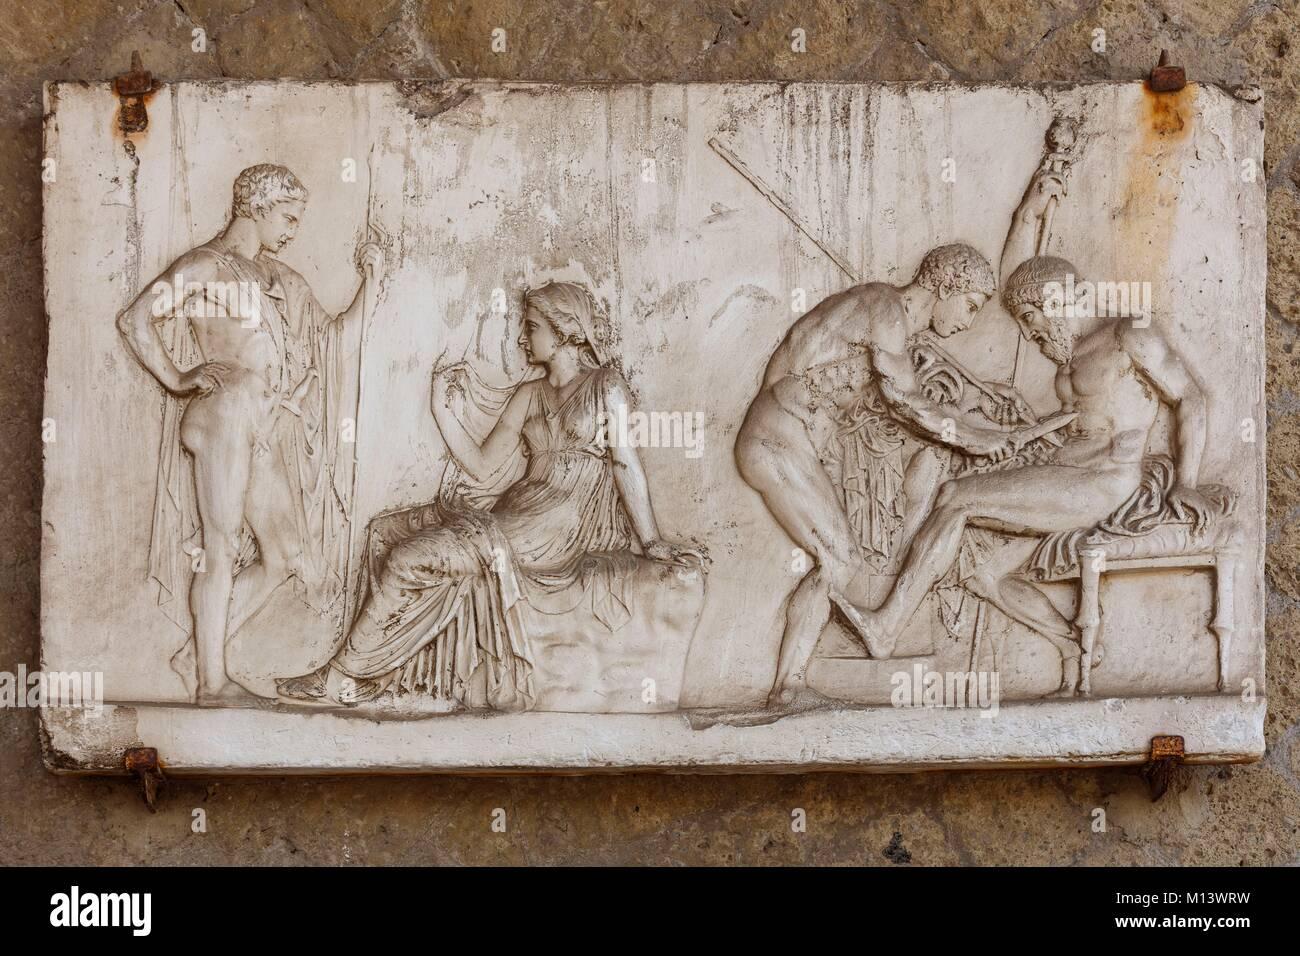 Italia, Campania, Herculanum, catalogada como Patrimonio de la Humanidad por la UNESCO, bajorrelieve Imagen De Stock